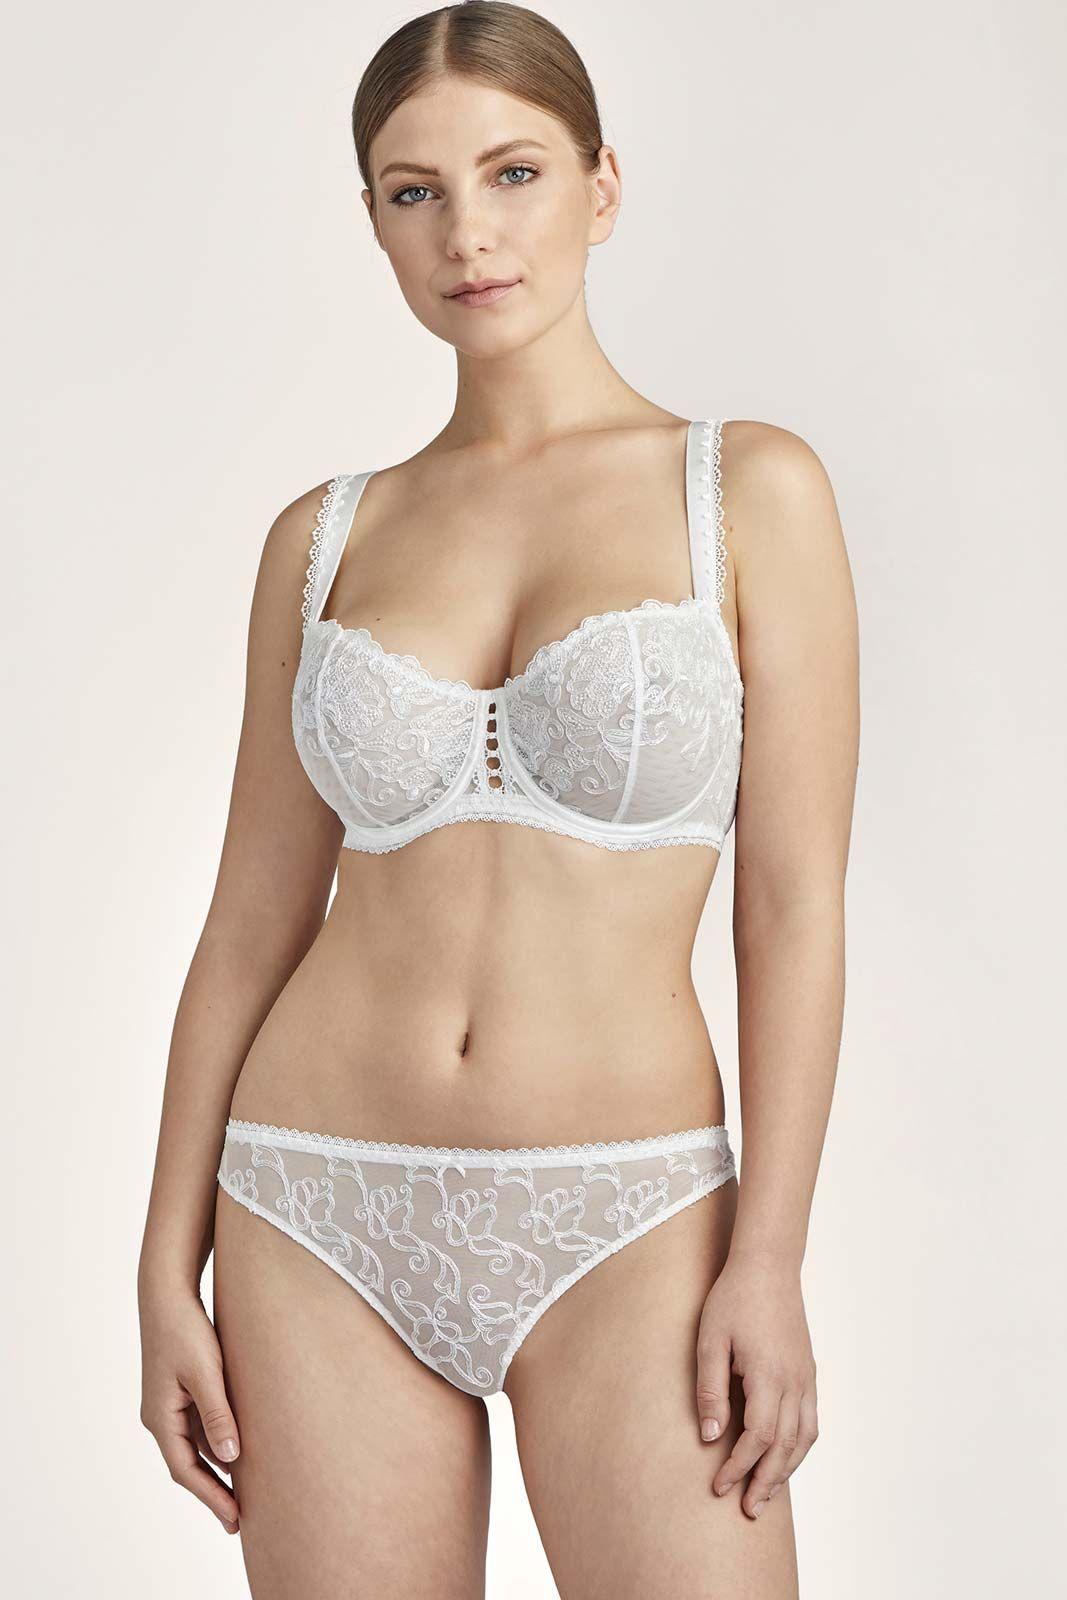 Mannequin portant un ensemble lingerie invisible et en dentelle de la marque Aubade